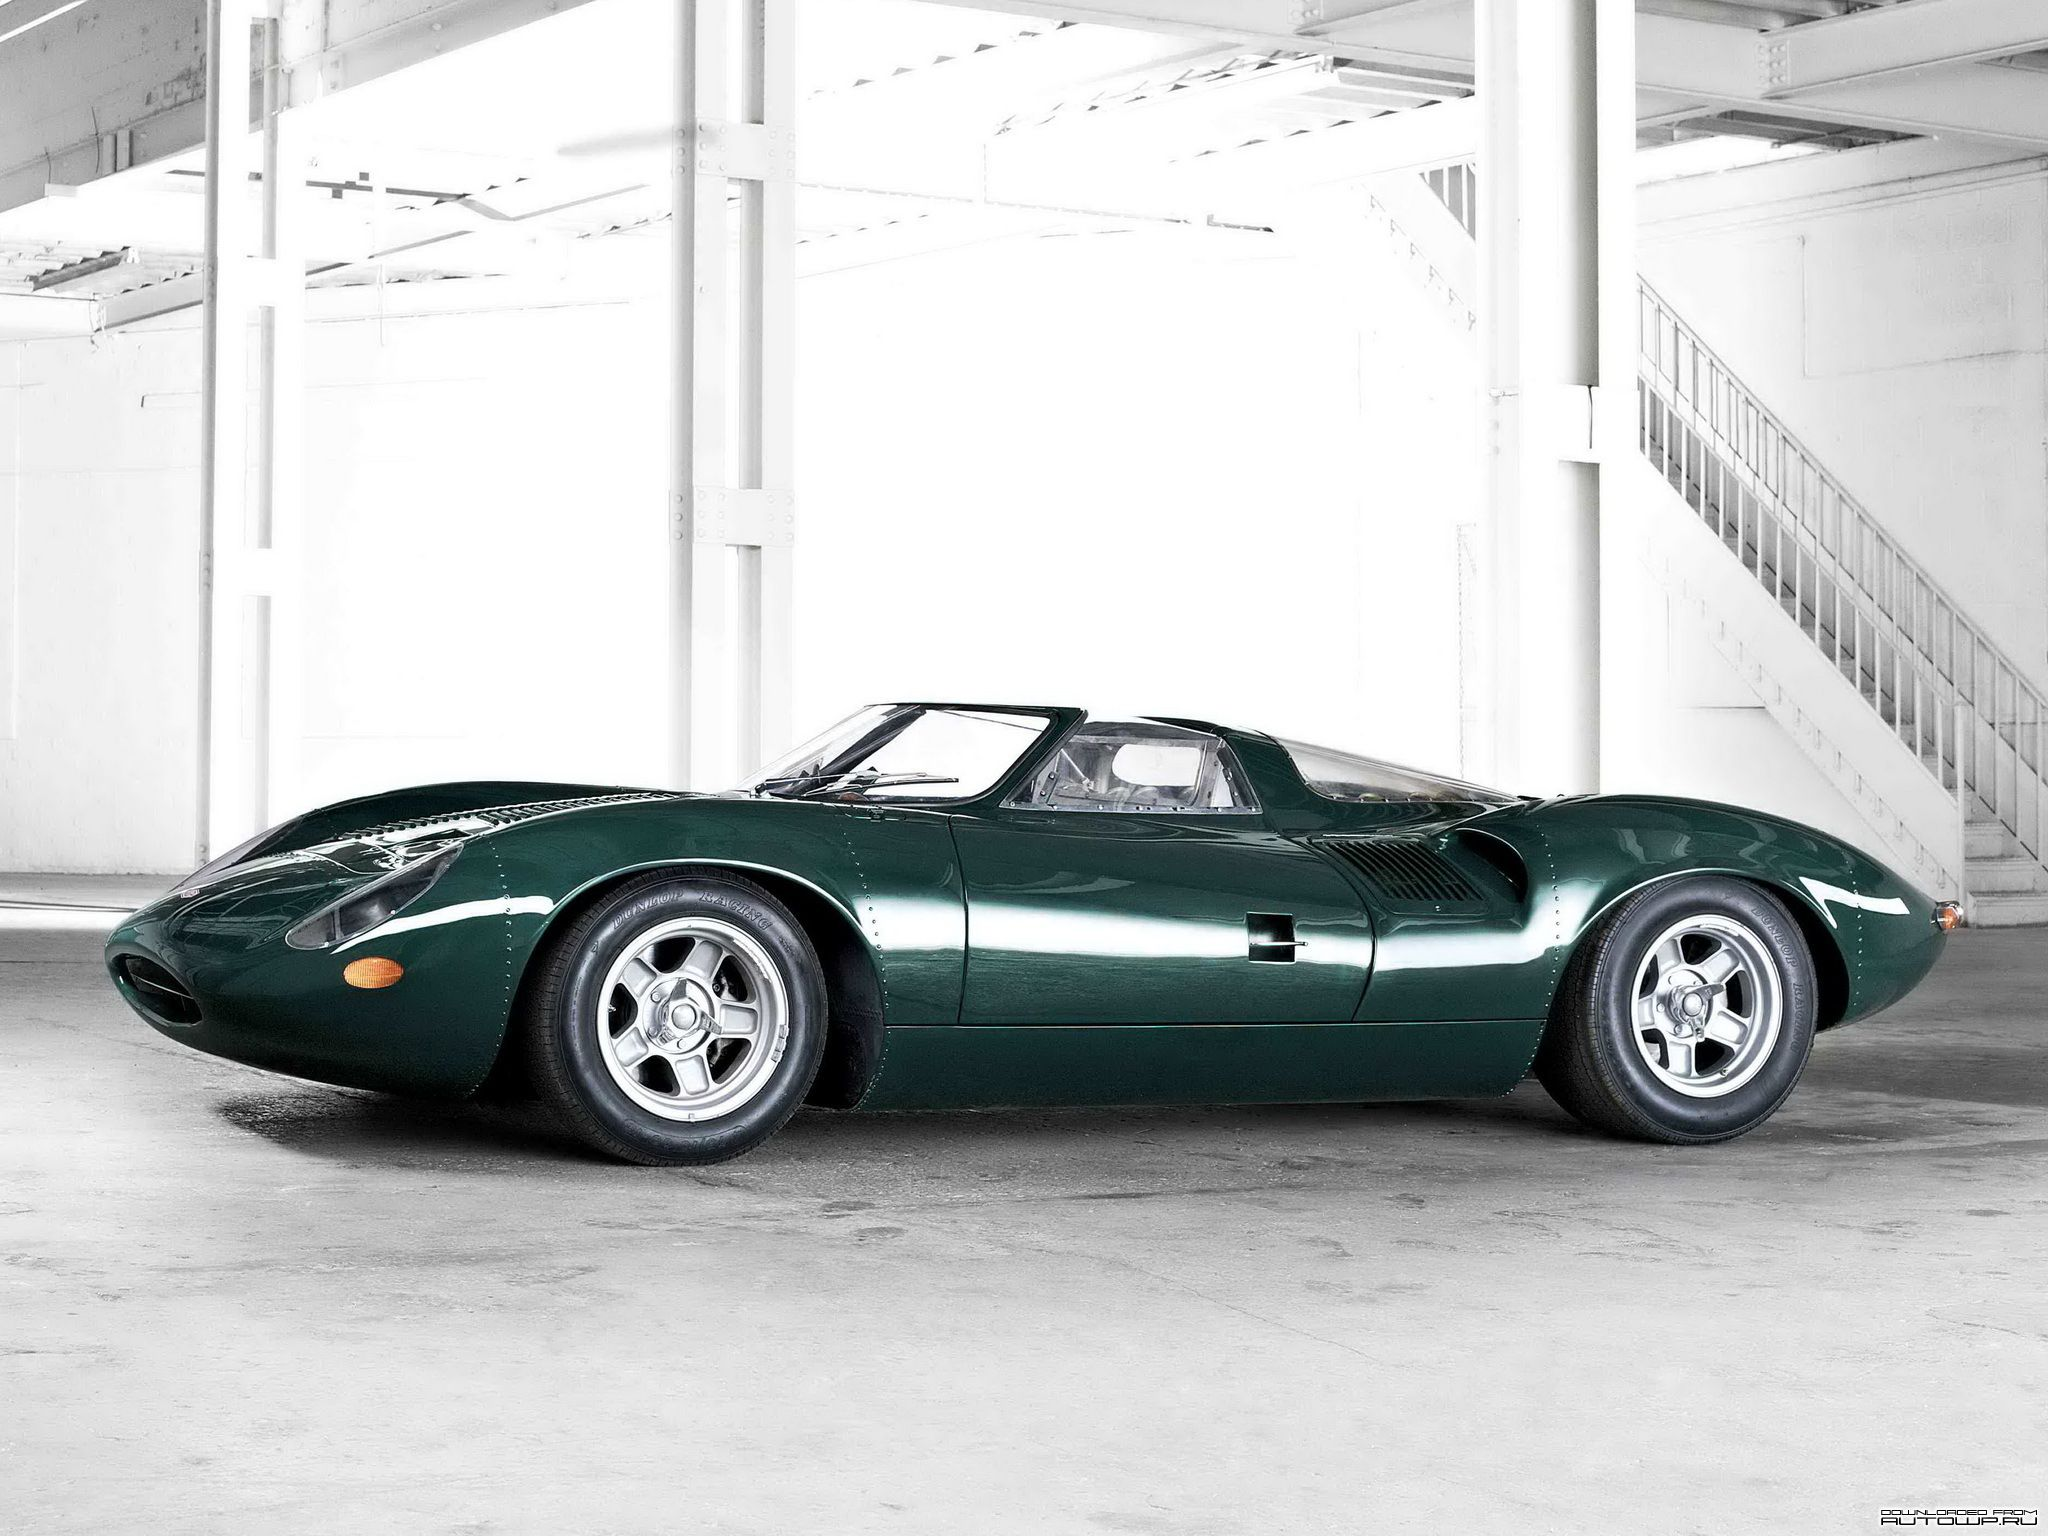 Jaguar Xj13 V12 Prototype Sports Racer 1966 Jaguar Xj13